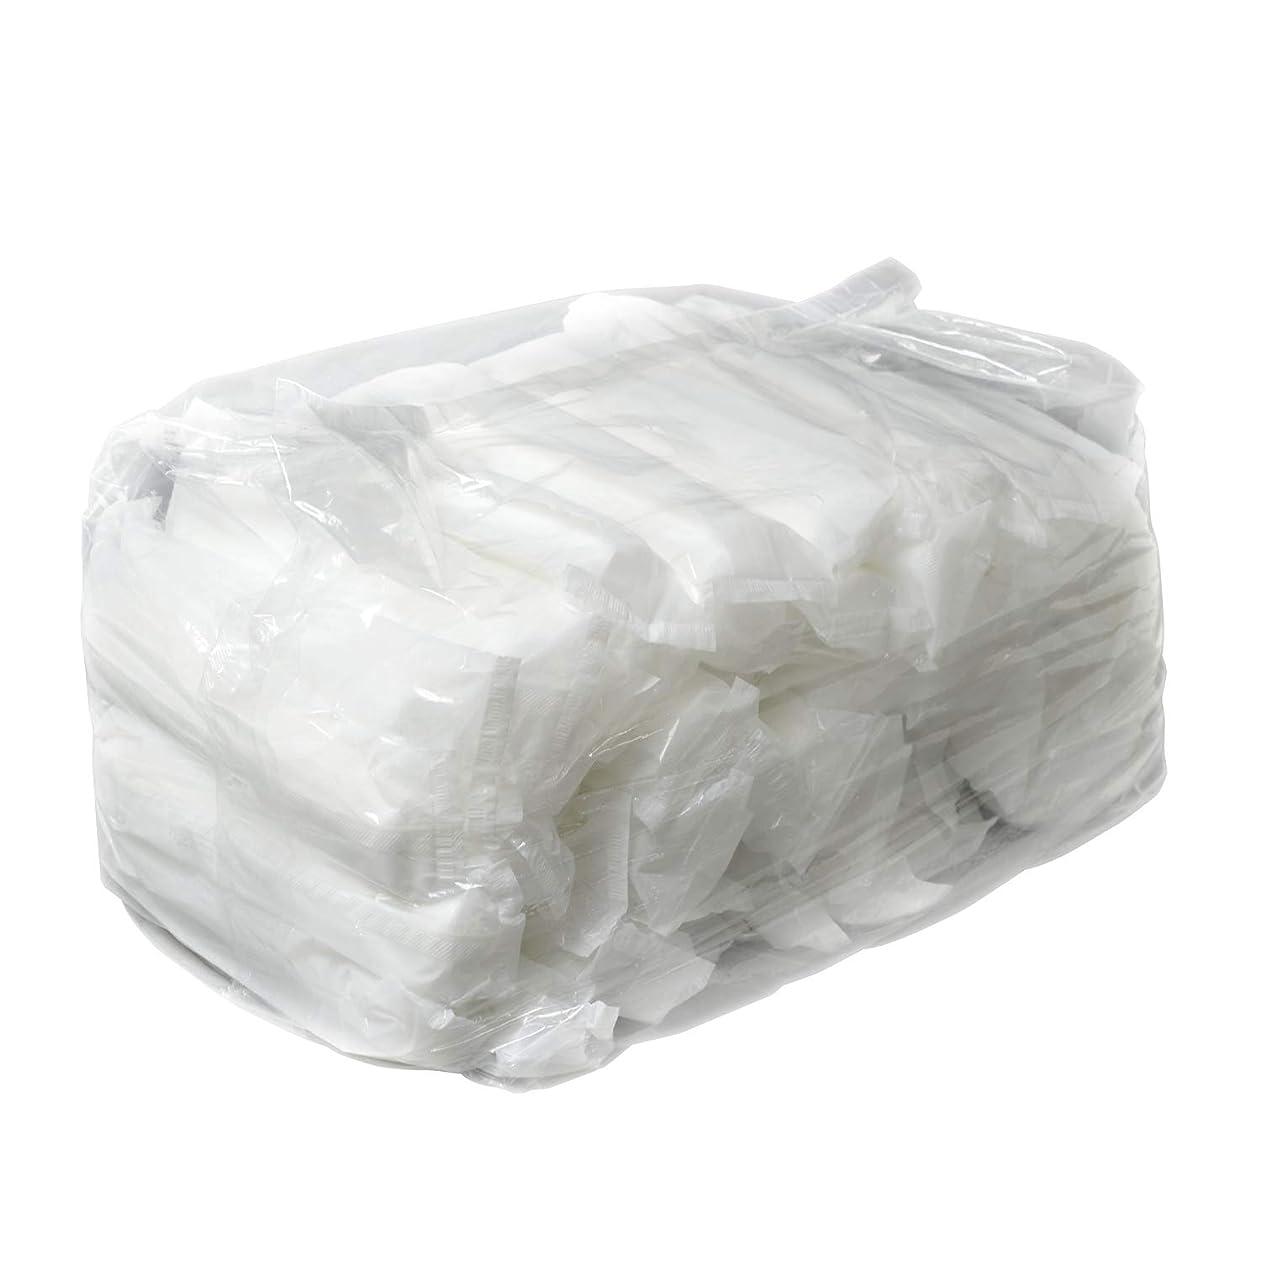 住人職人商品STRIX DESIGN ペーパーナプキン ホワイト 26×30cm 日本製 大判厚手レーヨンエンボスおしぼり 60本入り SD-702